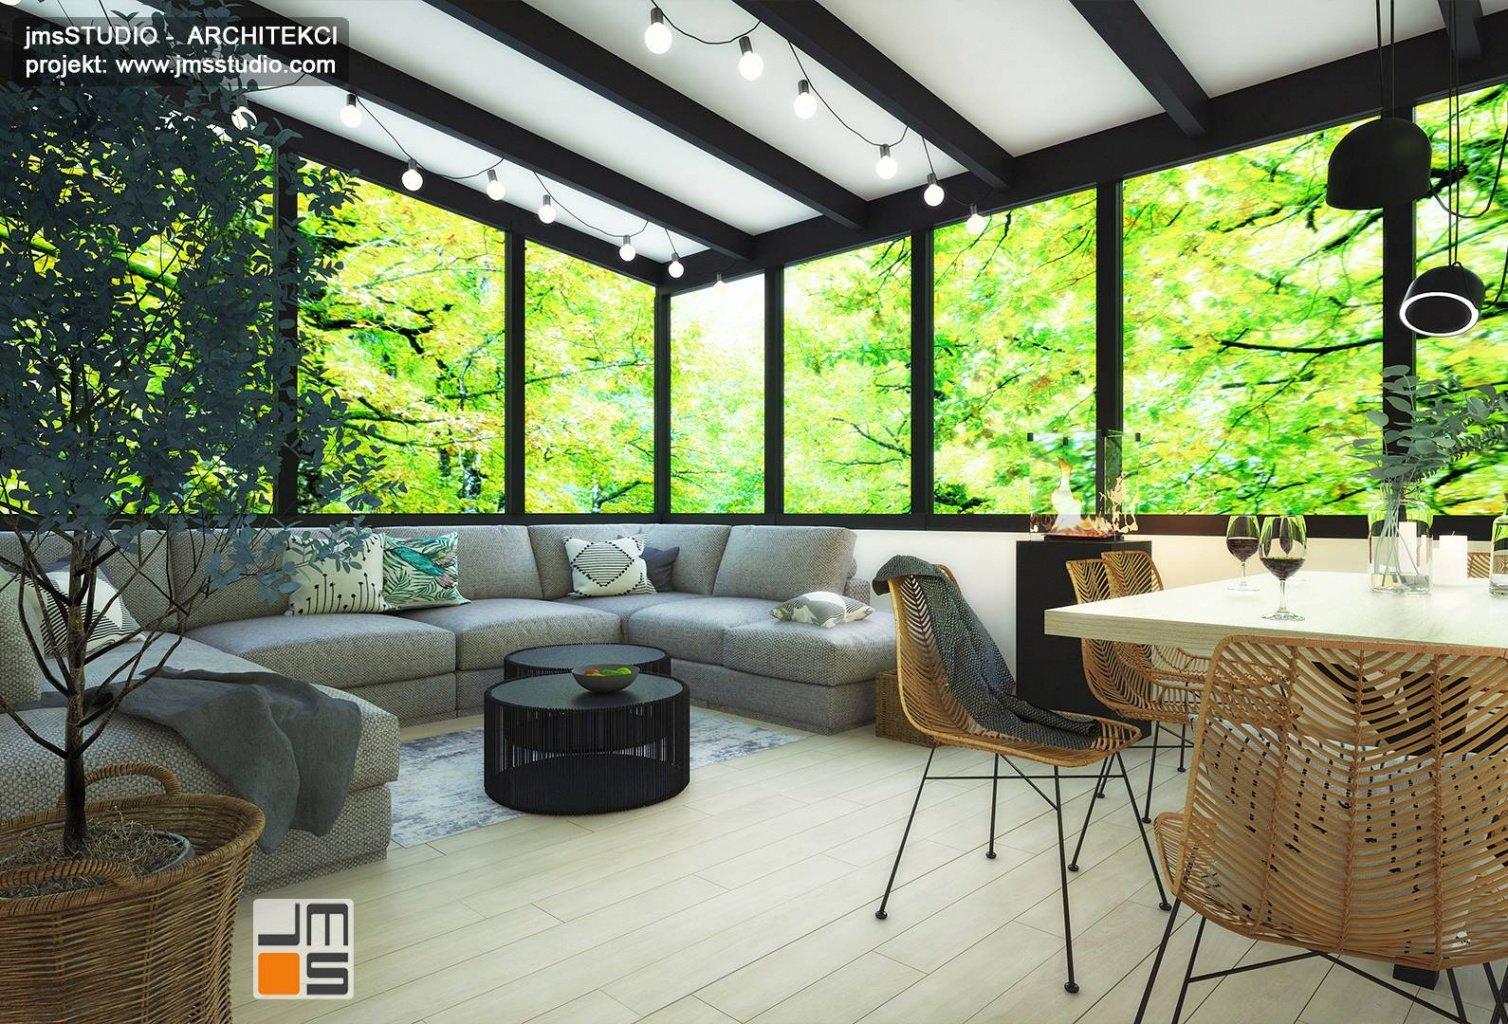 czarna stolarka okienna i lampy to pomysł na antracyt w aranżacja wnętrz salonu i jadalni Katowice